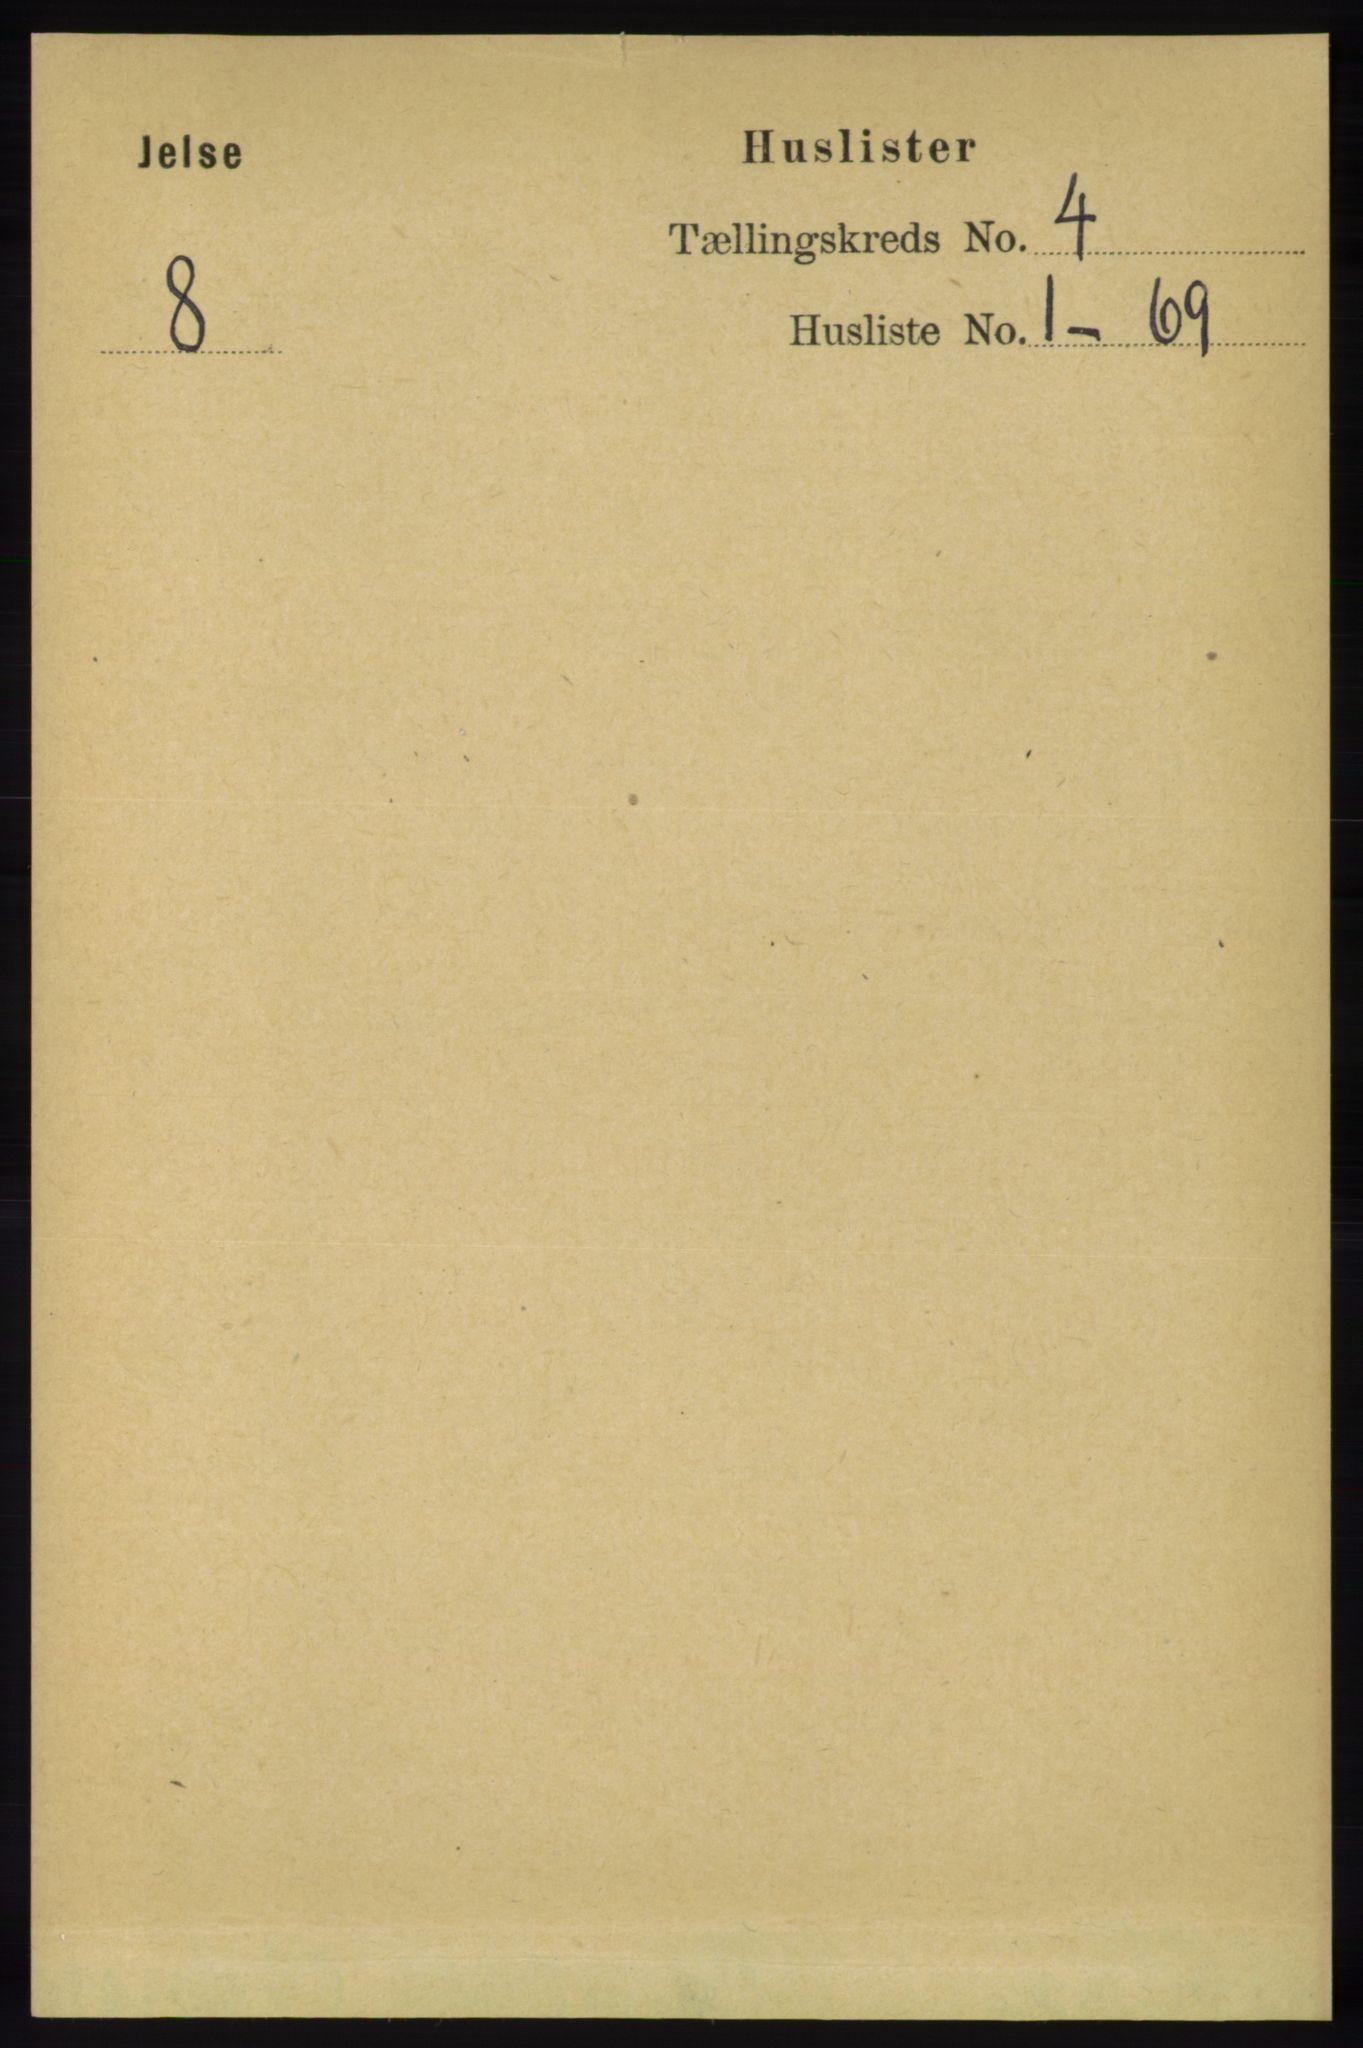 RA, Folketelling 1891 for 1138 Jelsa herred, 1891, s. 635